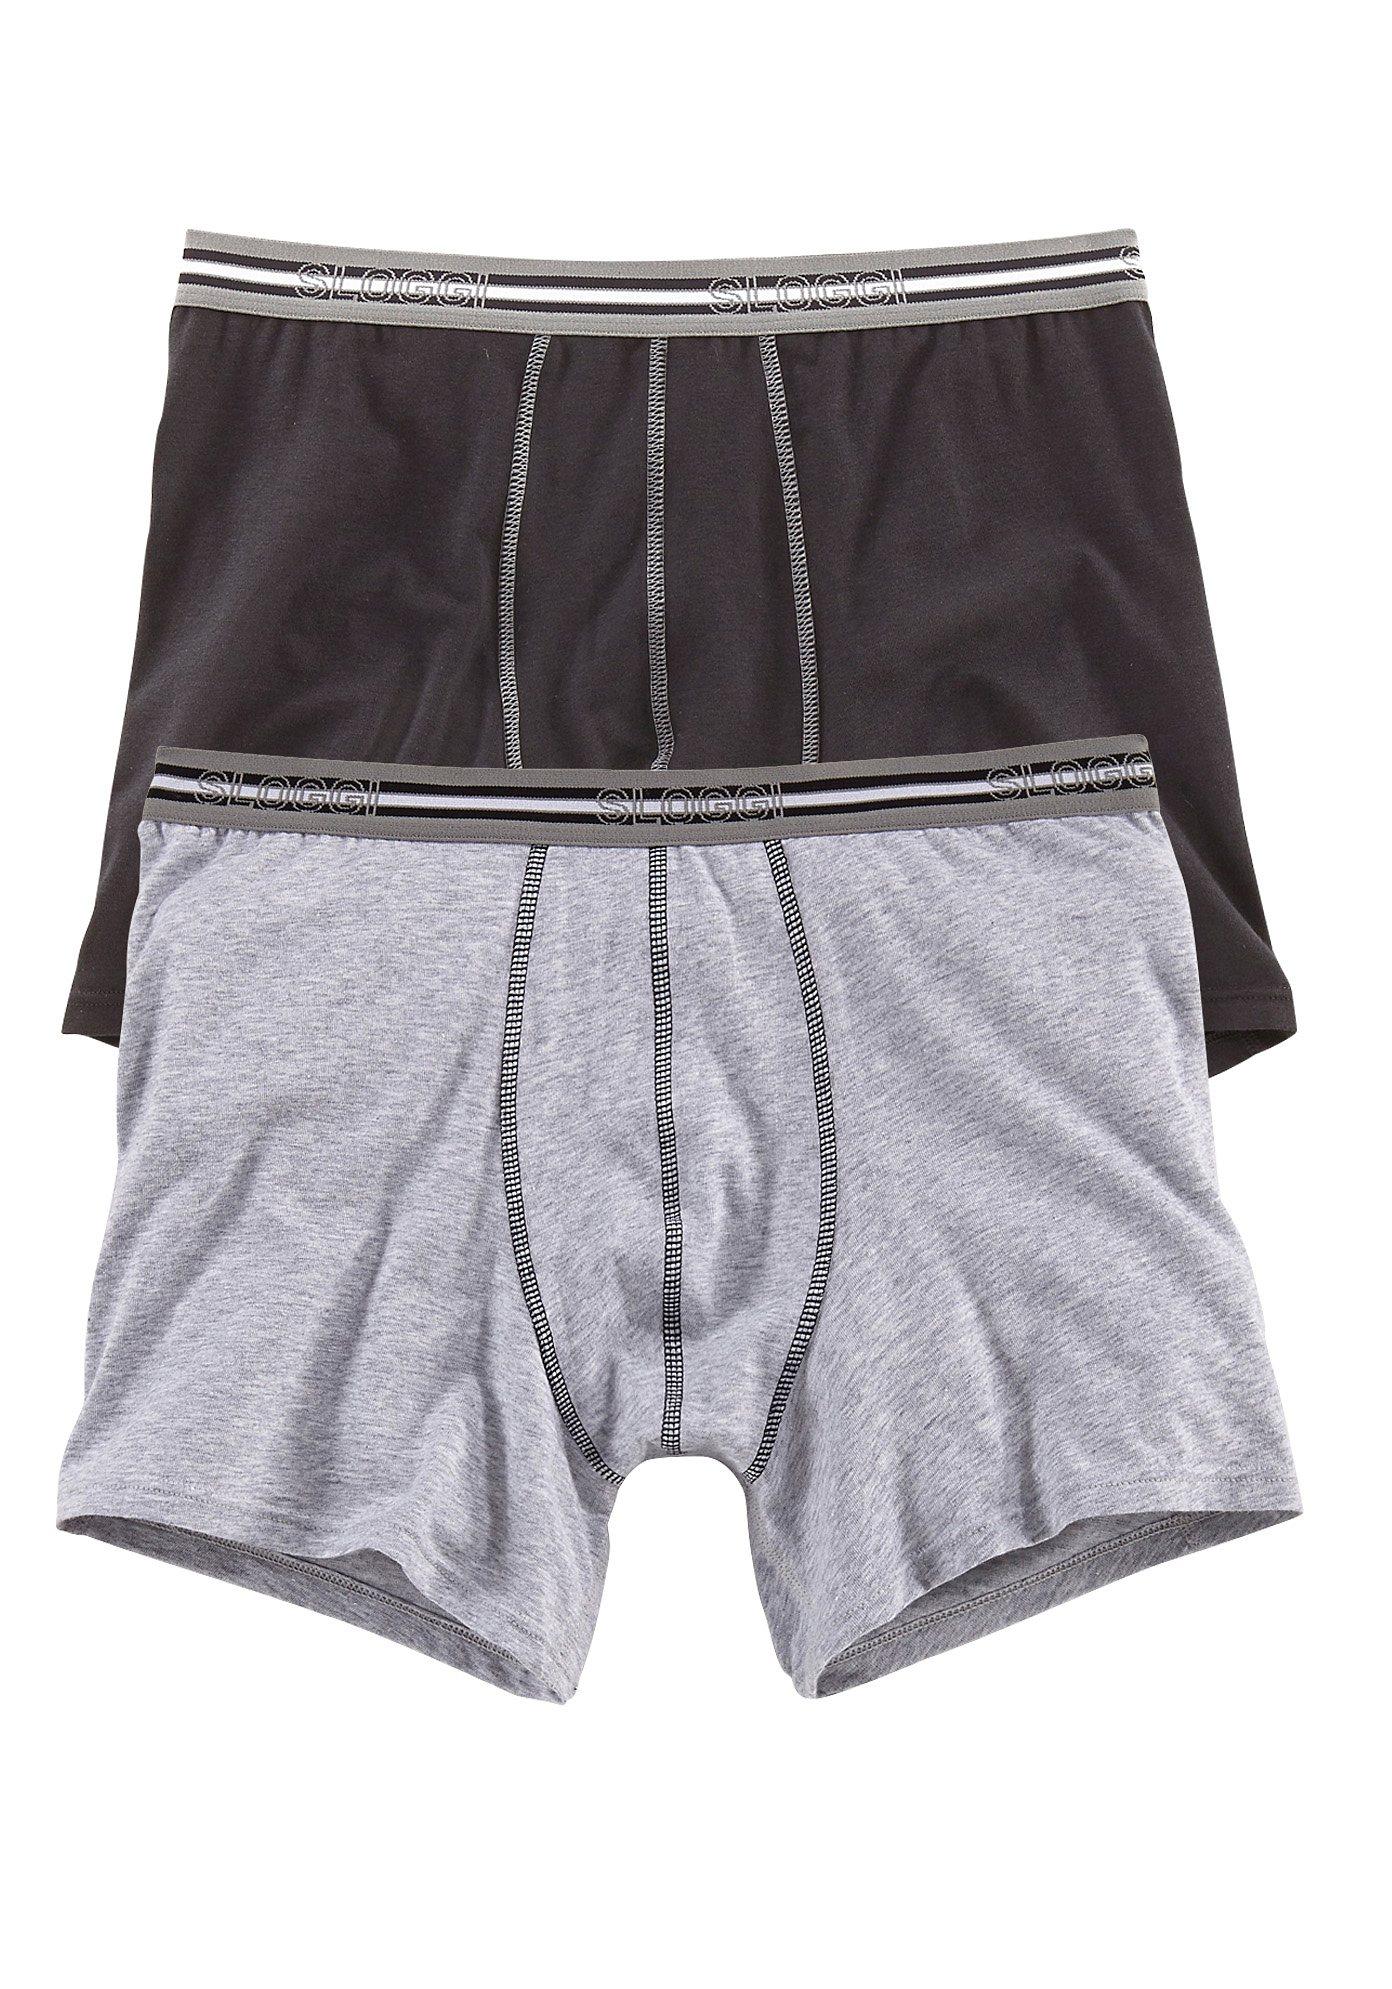 Sloggi, Boxer (2 Stück), moderne Retro Pants in normaler Passform, tolle Baumwoll-Stretch-Qualität